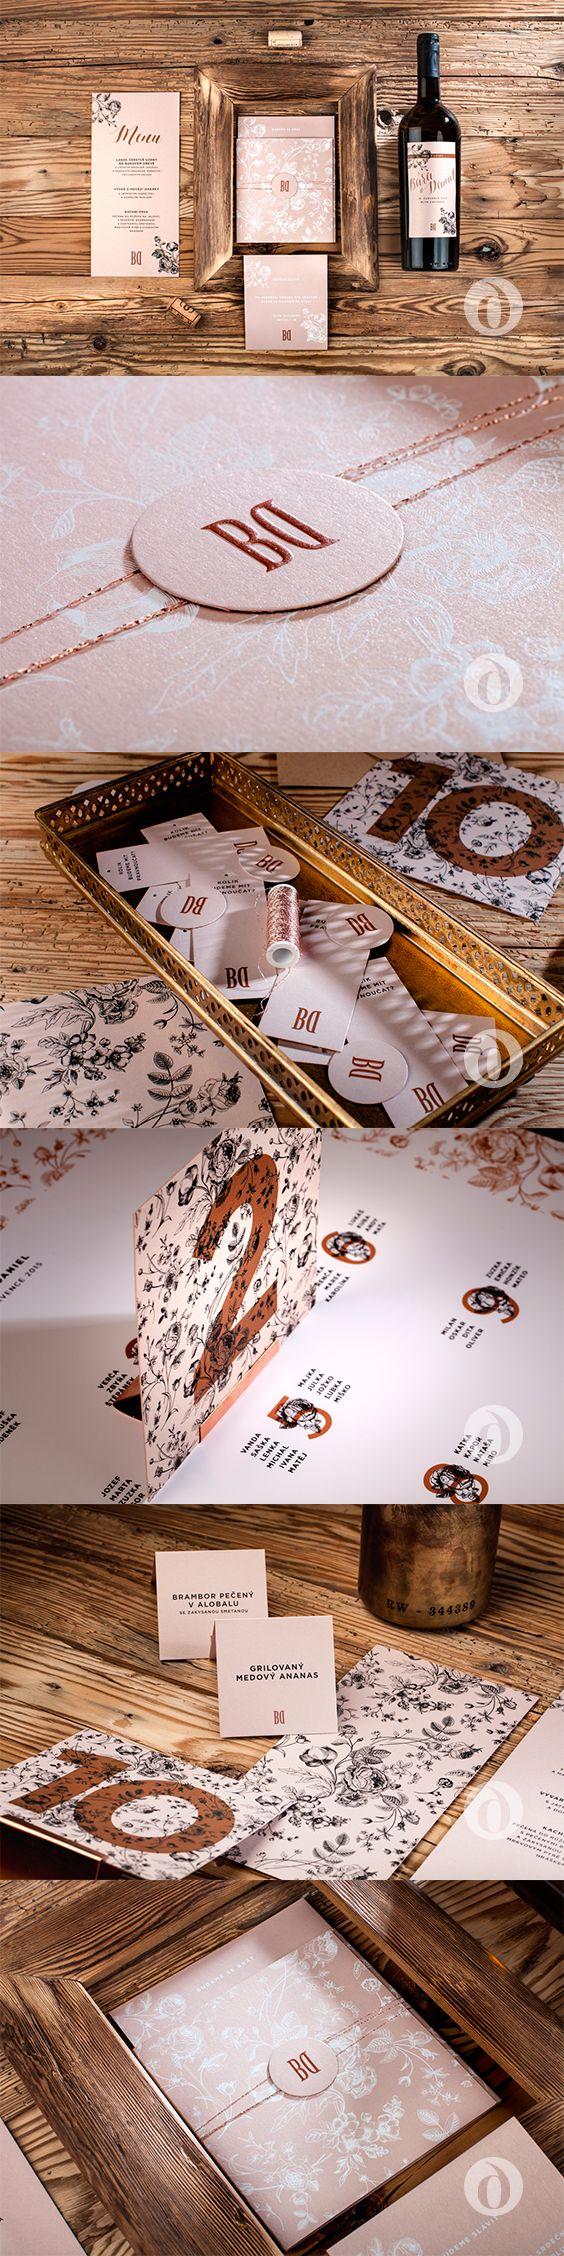 Romantic wedding invitation, wedding menu and stationery made of metallic and transparent paper / Romantické svatební oznámení, svatební menu, jmenovka a další drobnosti vyrobené z metalického a transparentního papíru